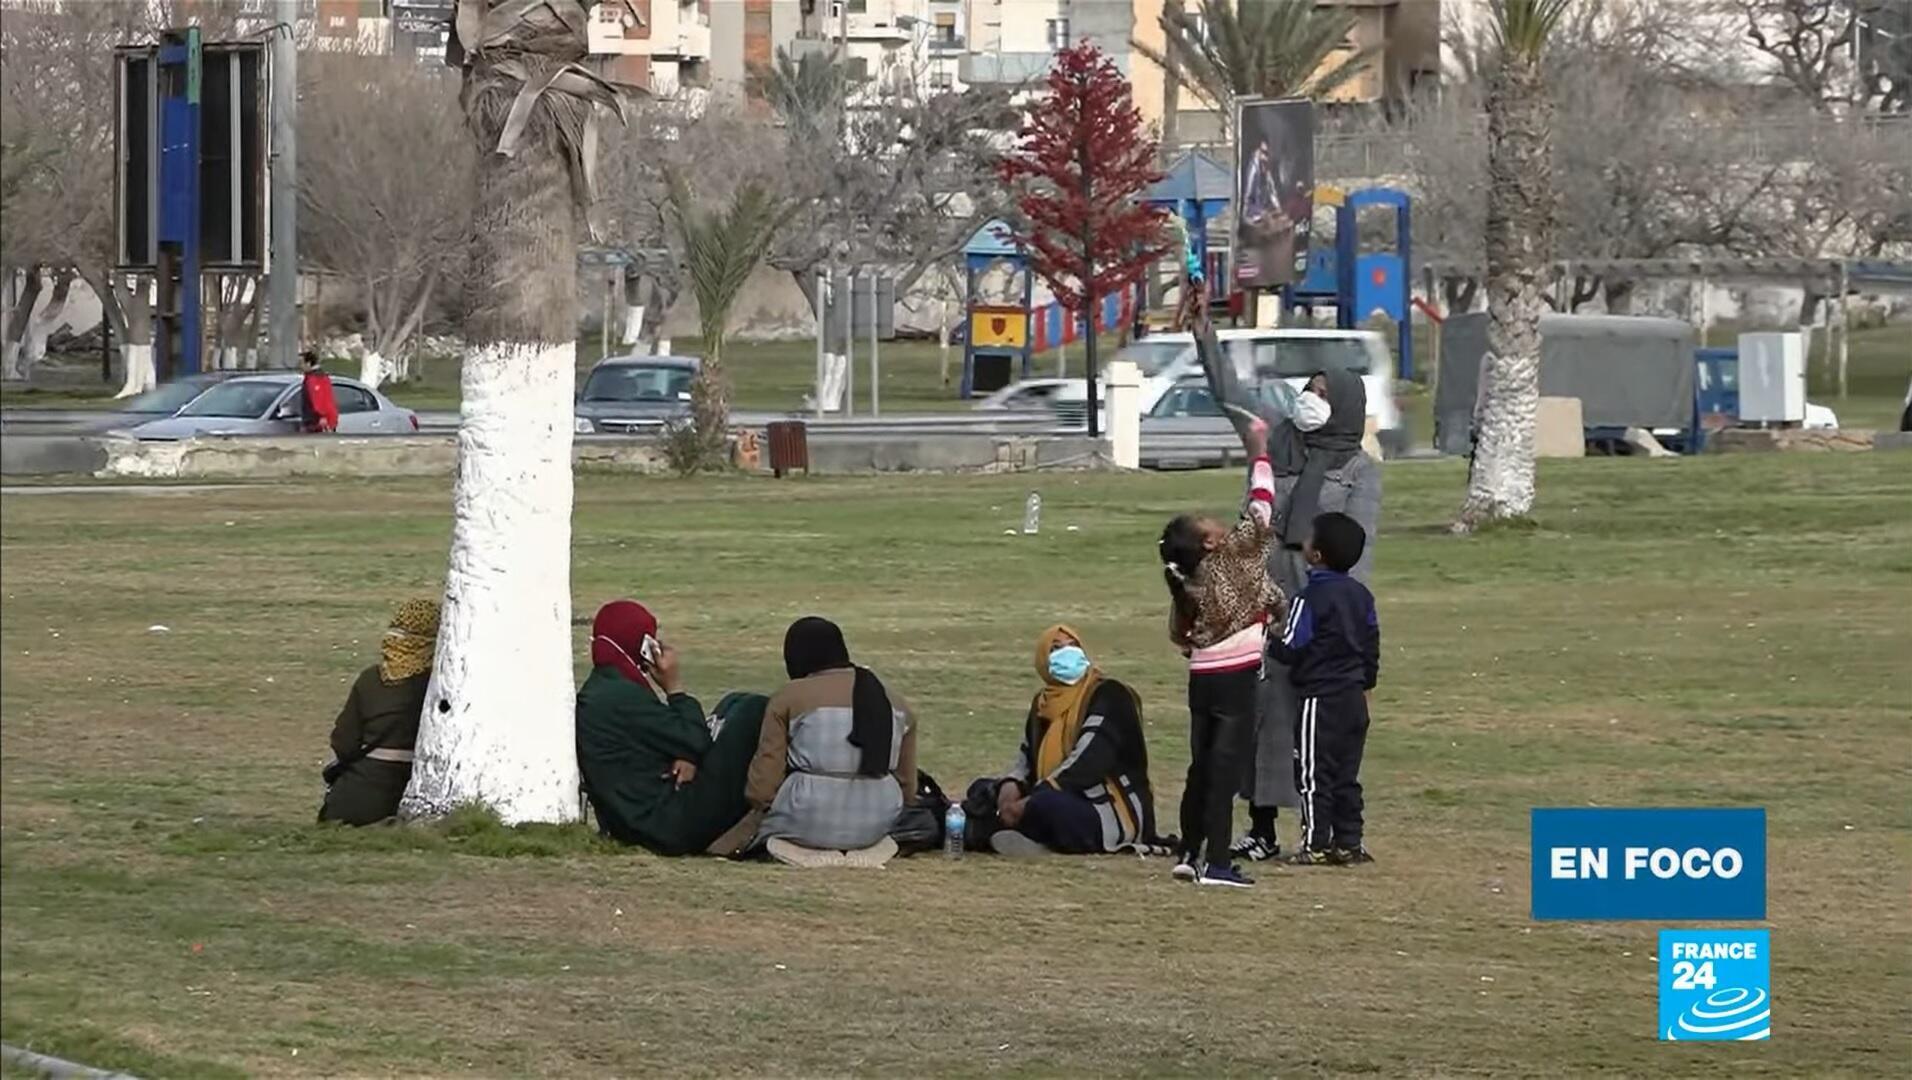 en foco - Tripoli Libia